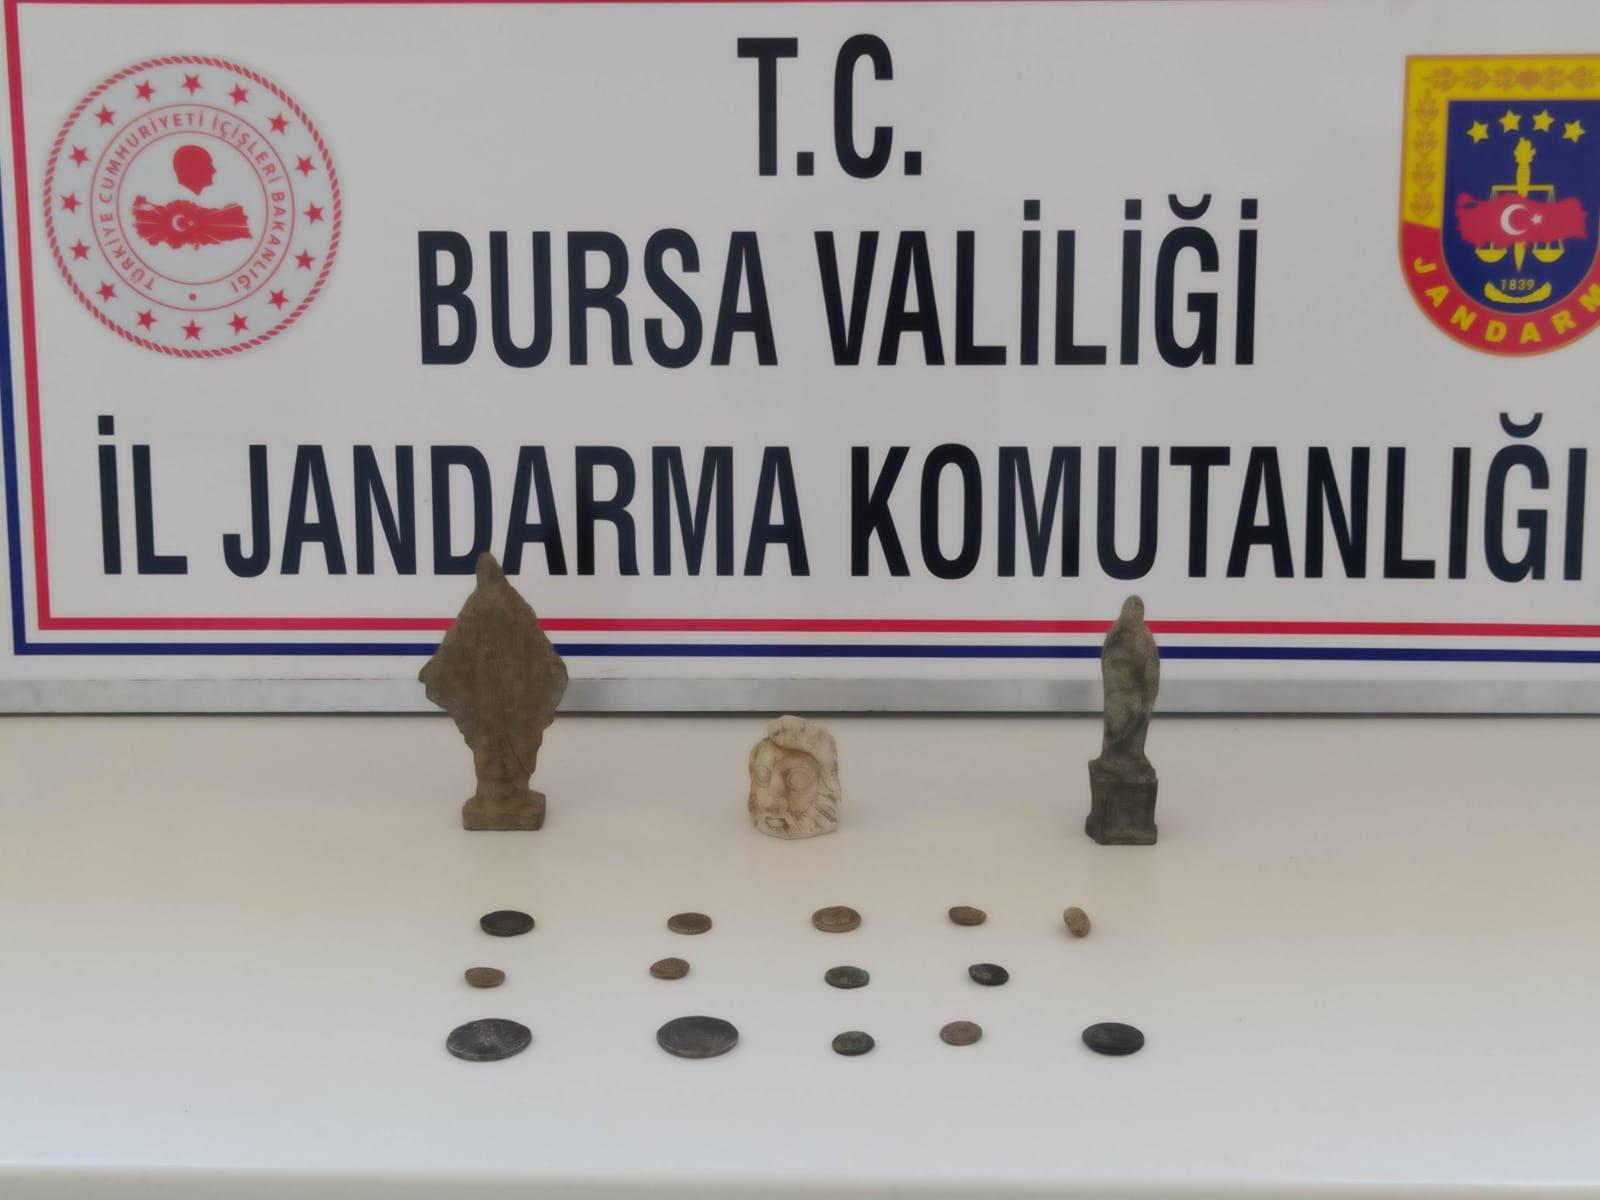 Bursa'da Frigya ve Roma dönemine ait tarihi eserler ele geçirildi